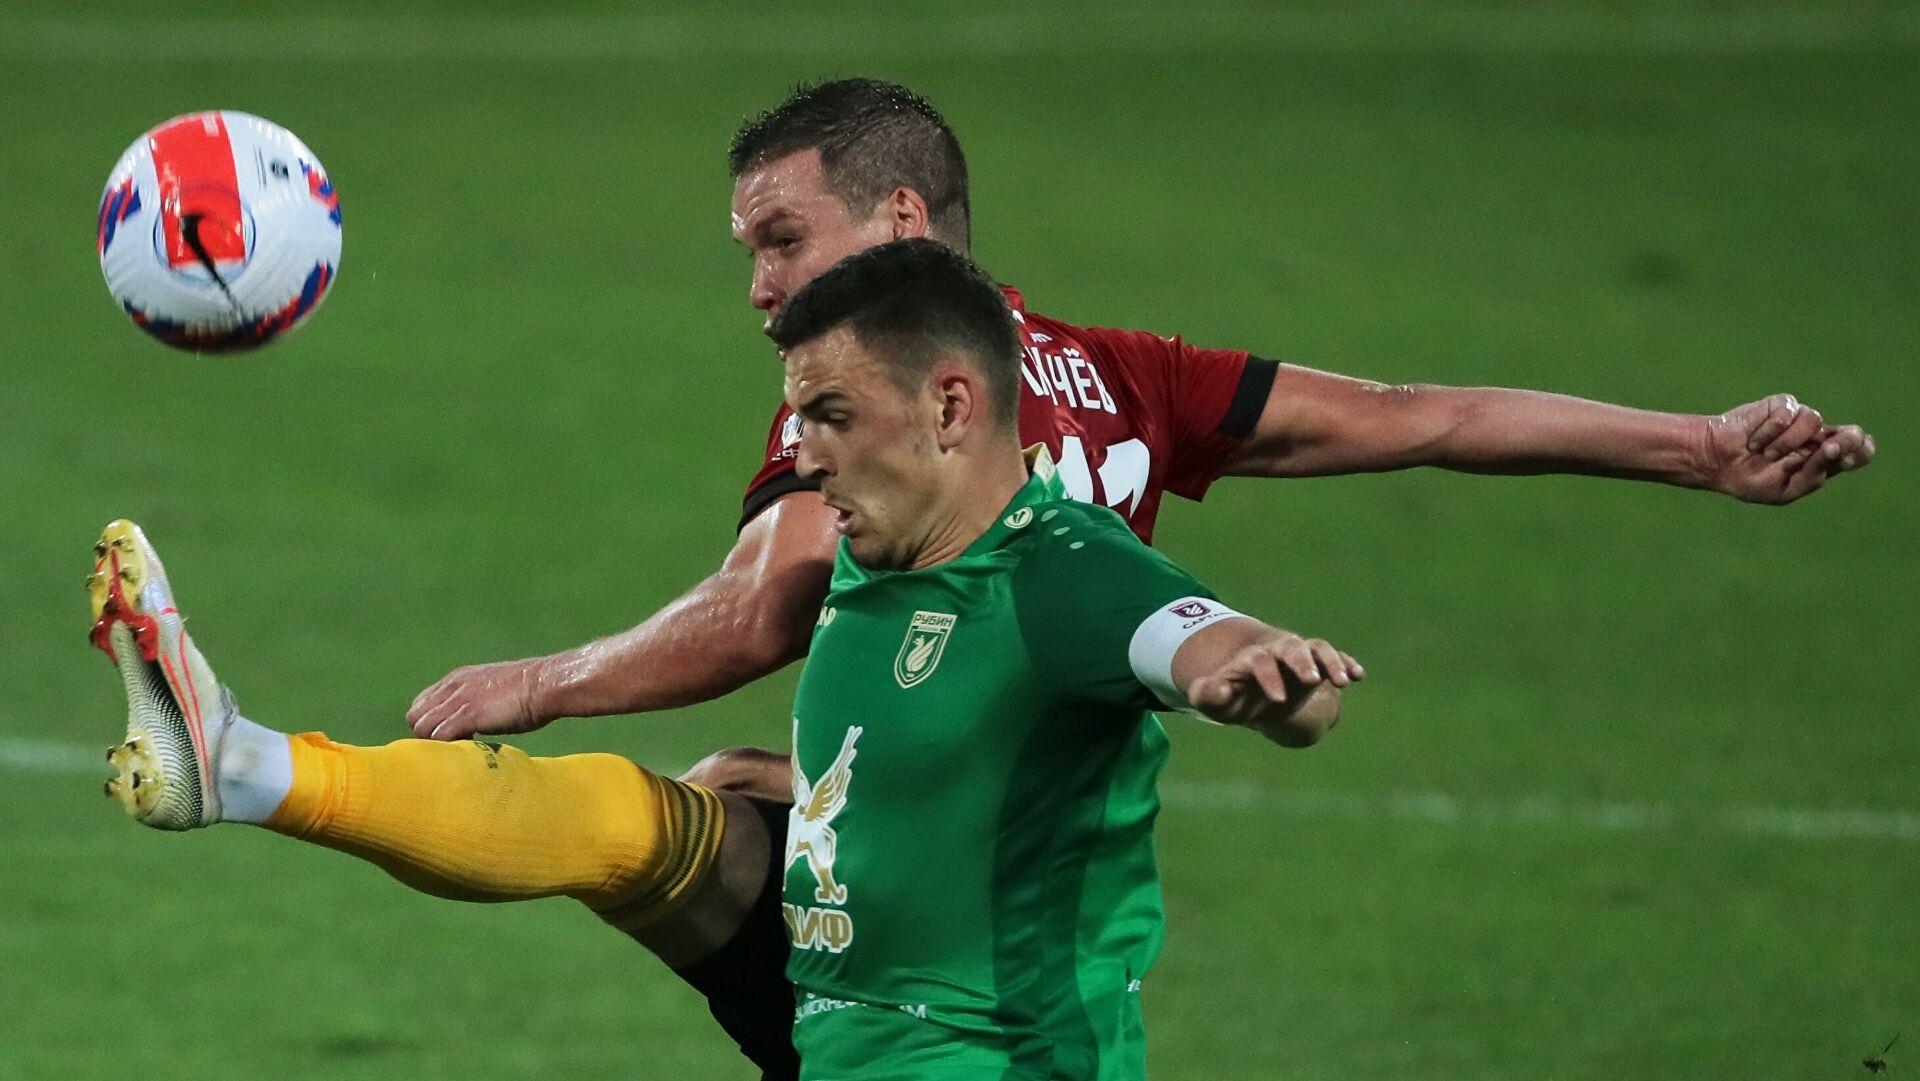 «Арсенал» и «Рубин» открыли 2-й тур РПЛ интересным матчем в Туле